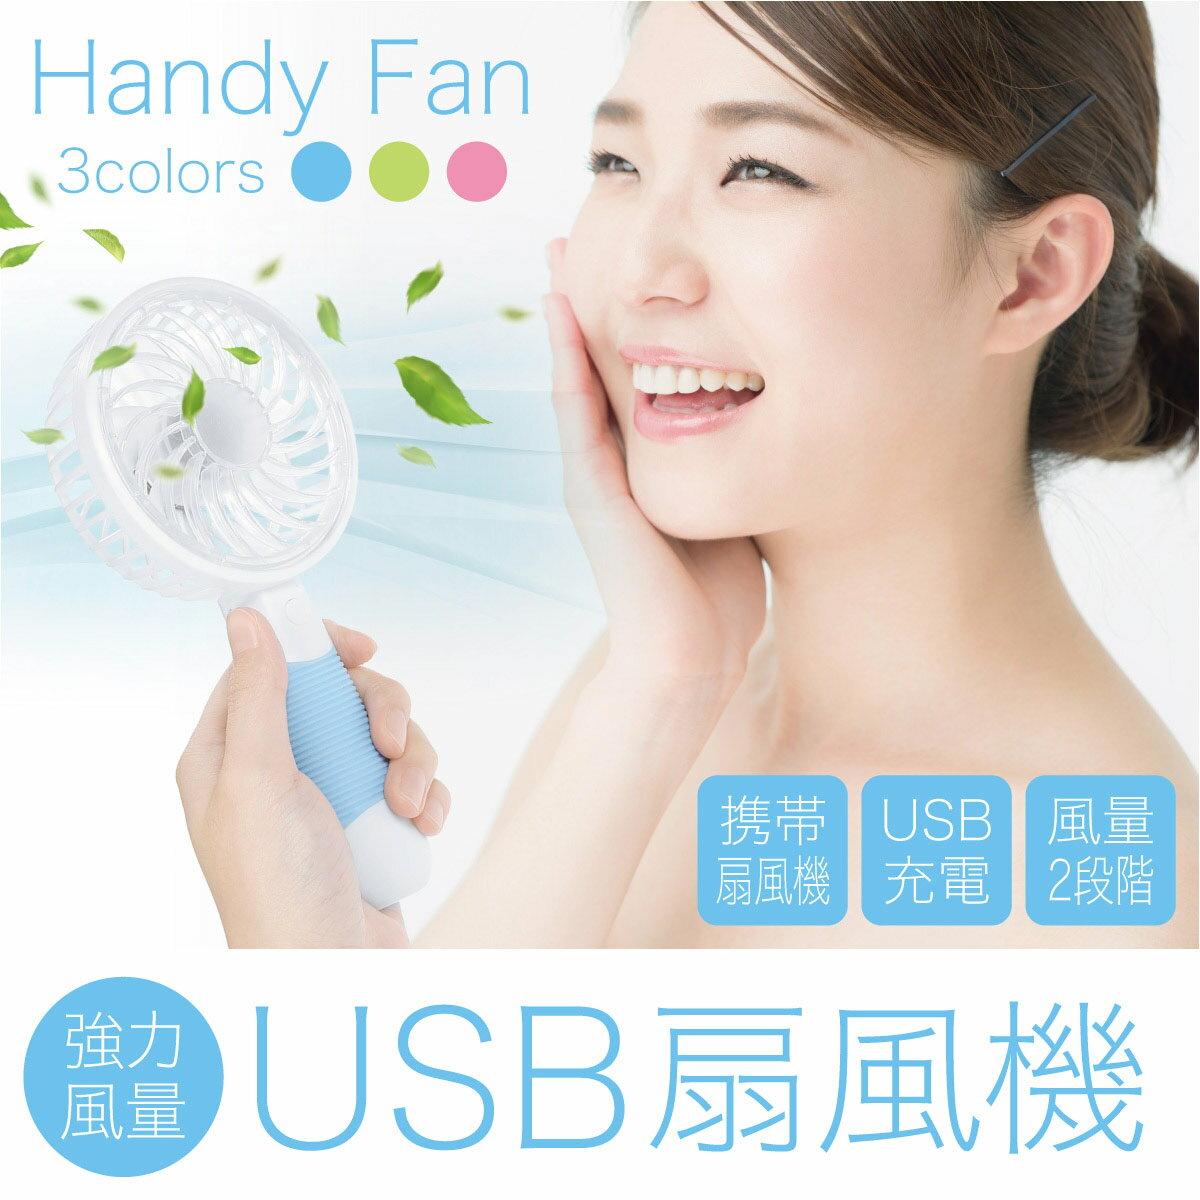 携帯 扇風機 小型 ミニ ハンディ 卓上扇風機 usb クリップ 手持ち扇風機 卓上 ハンディファン 手持ち fan-01